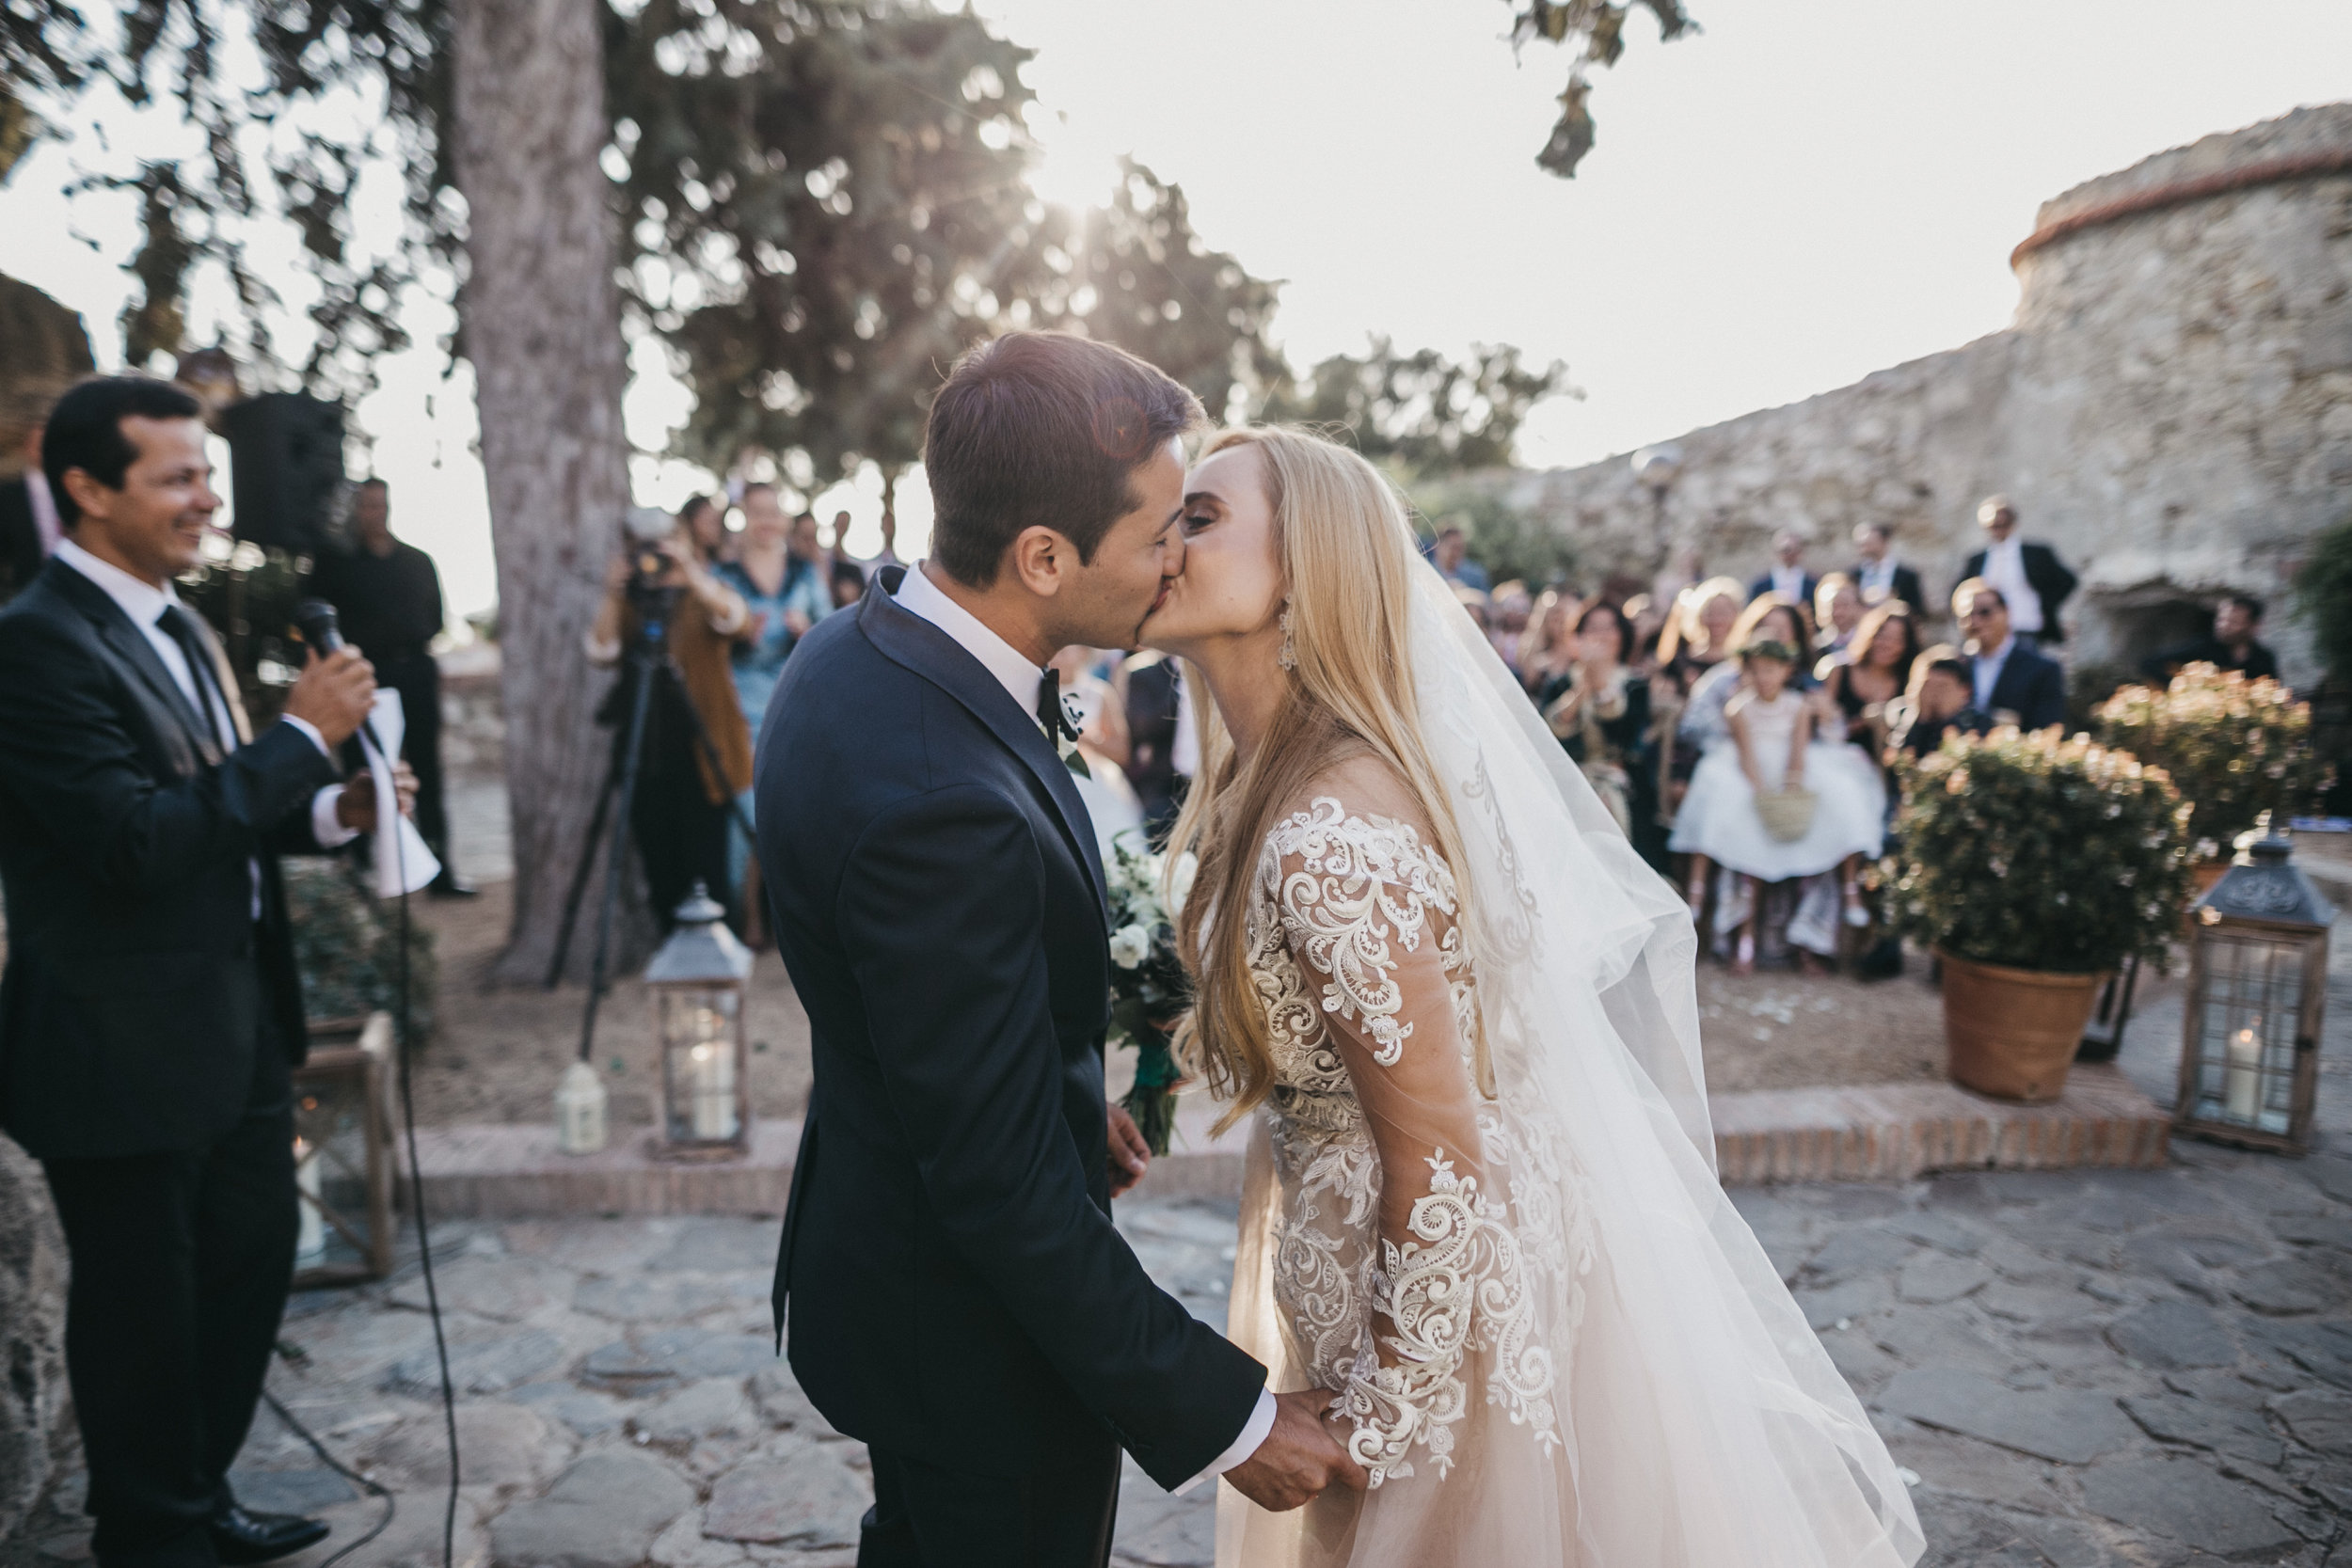 Fotografo de bodas españa serafin castillo wedding photographer spain 019.jpg